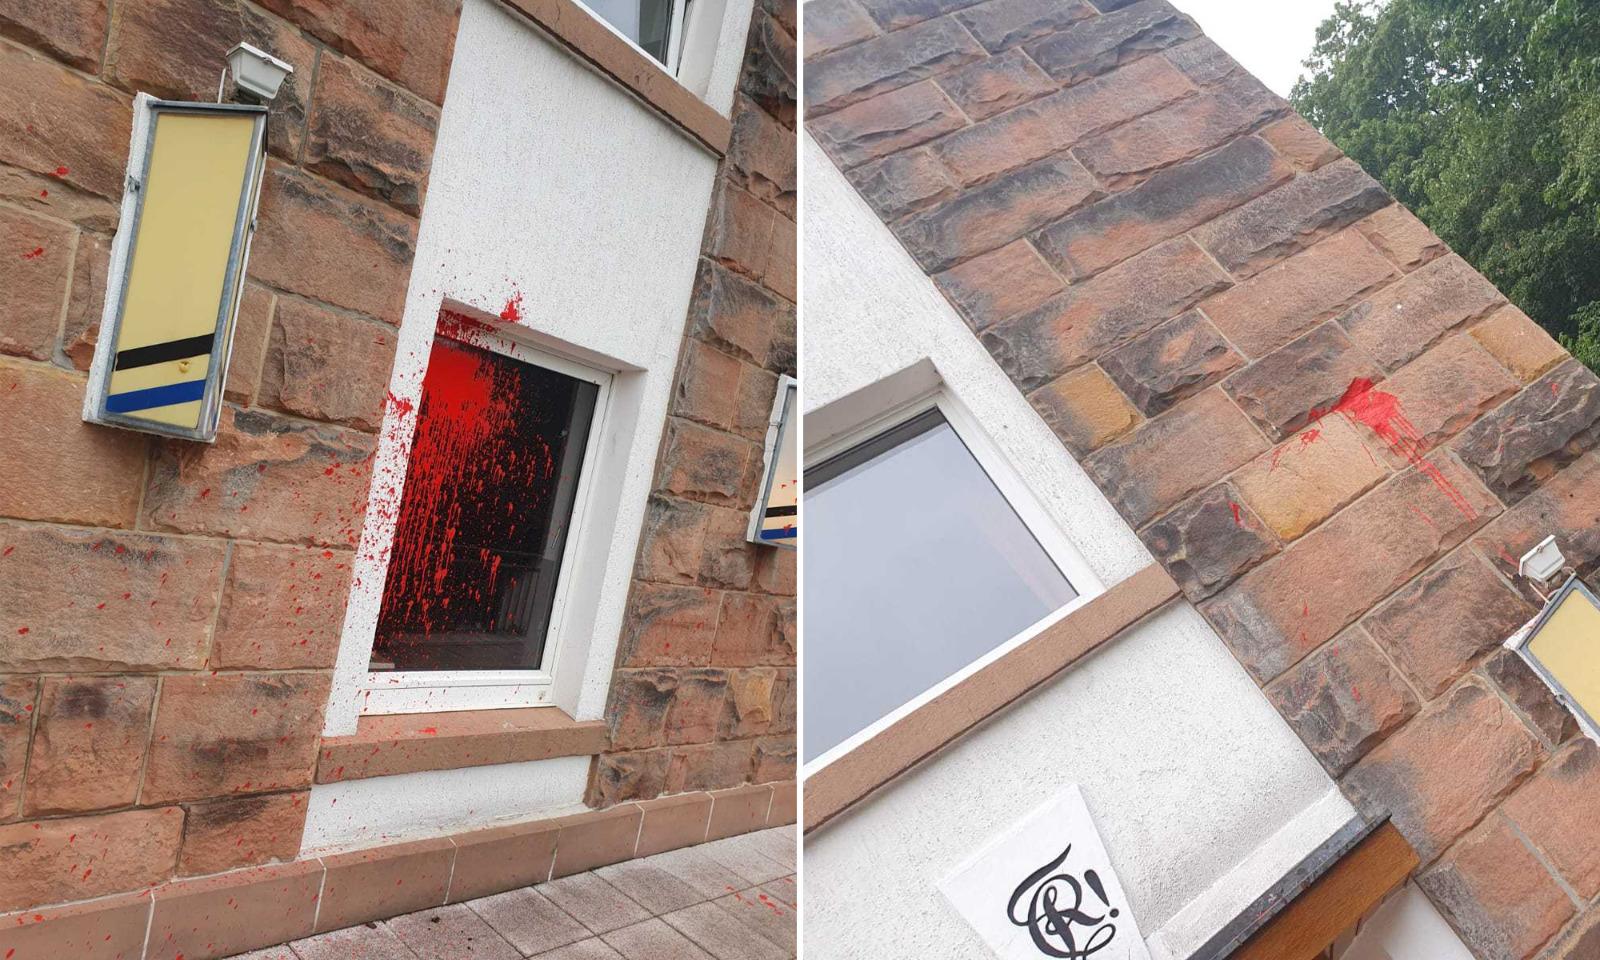 Die Farbbeutel trafen die Fassade des Verbindungshauses in Marburg Foto: Rheinfranken Marburg